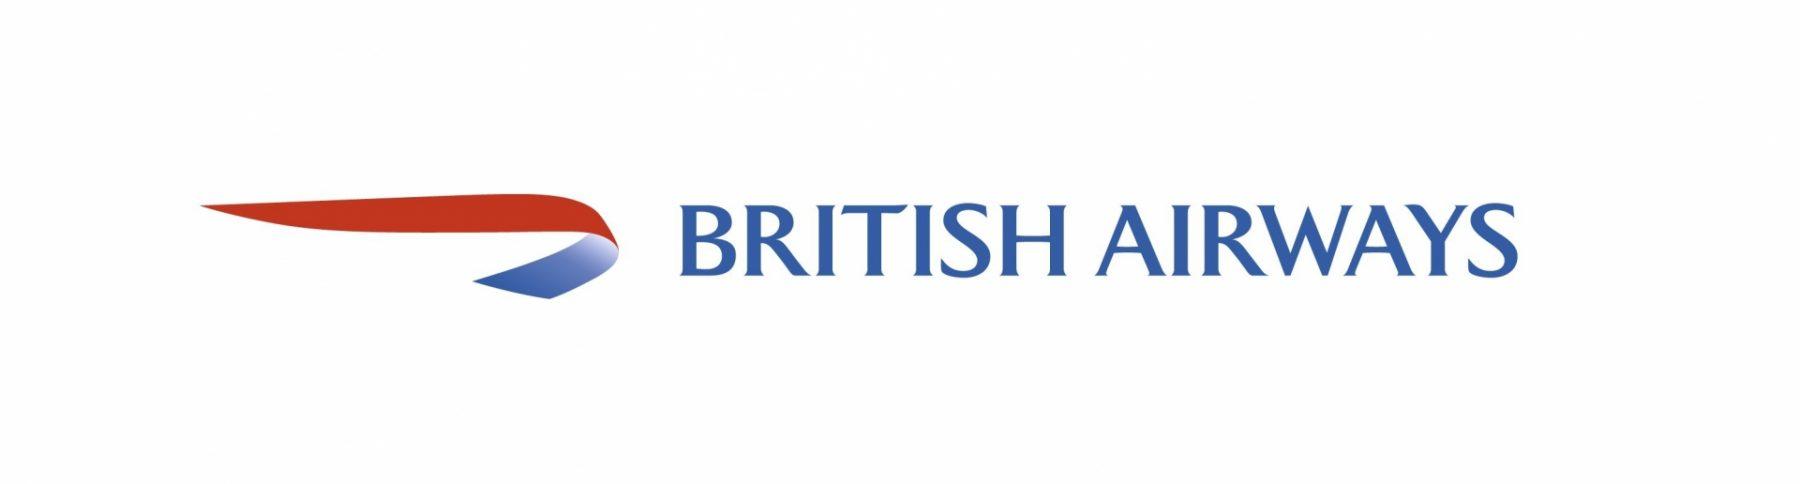 BA logo @5JUL17